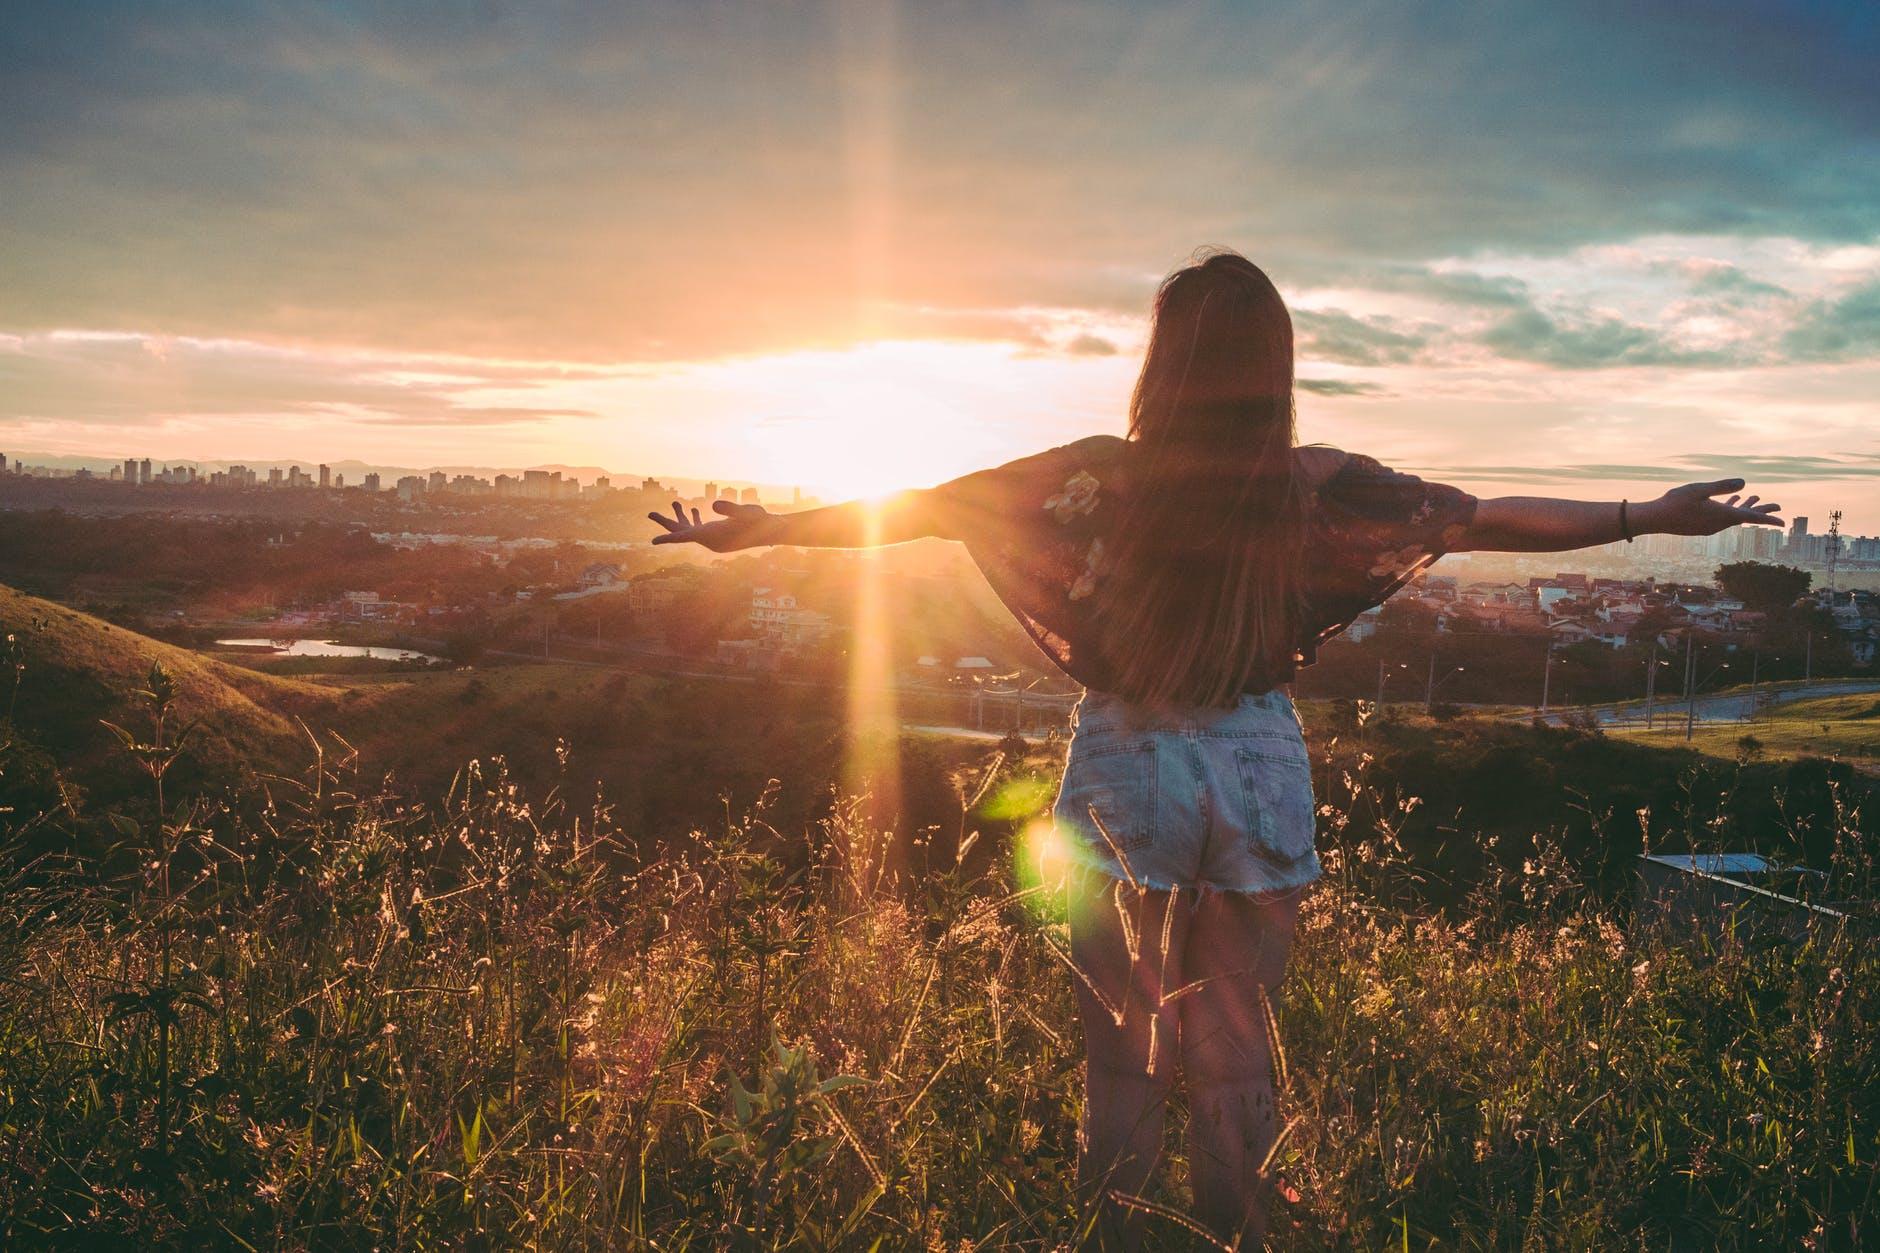 Bagaimana cara menghentikan ketergantungan emosional Anda